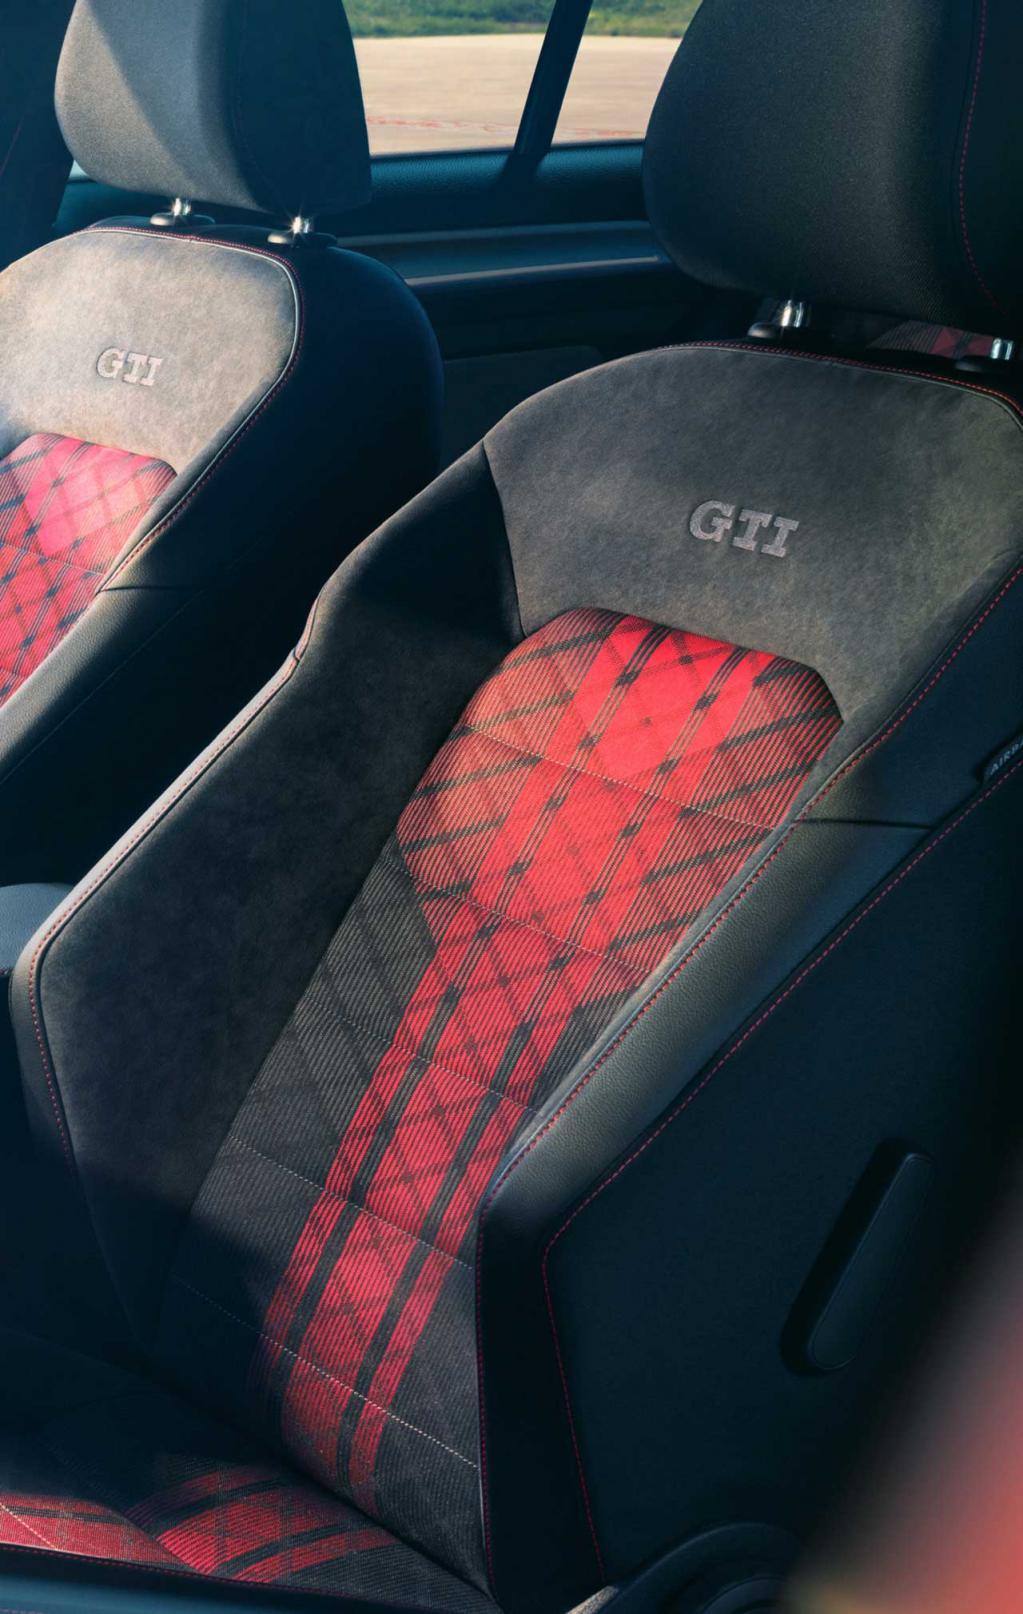 究極のファイナルゴルフ!? 日本仕様最強のVWゴルフGTI「ゴルフGTI TCR」が600台限定で受注開始! 税込車両価格は509万8000円